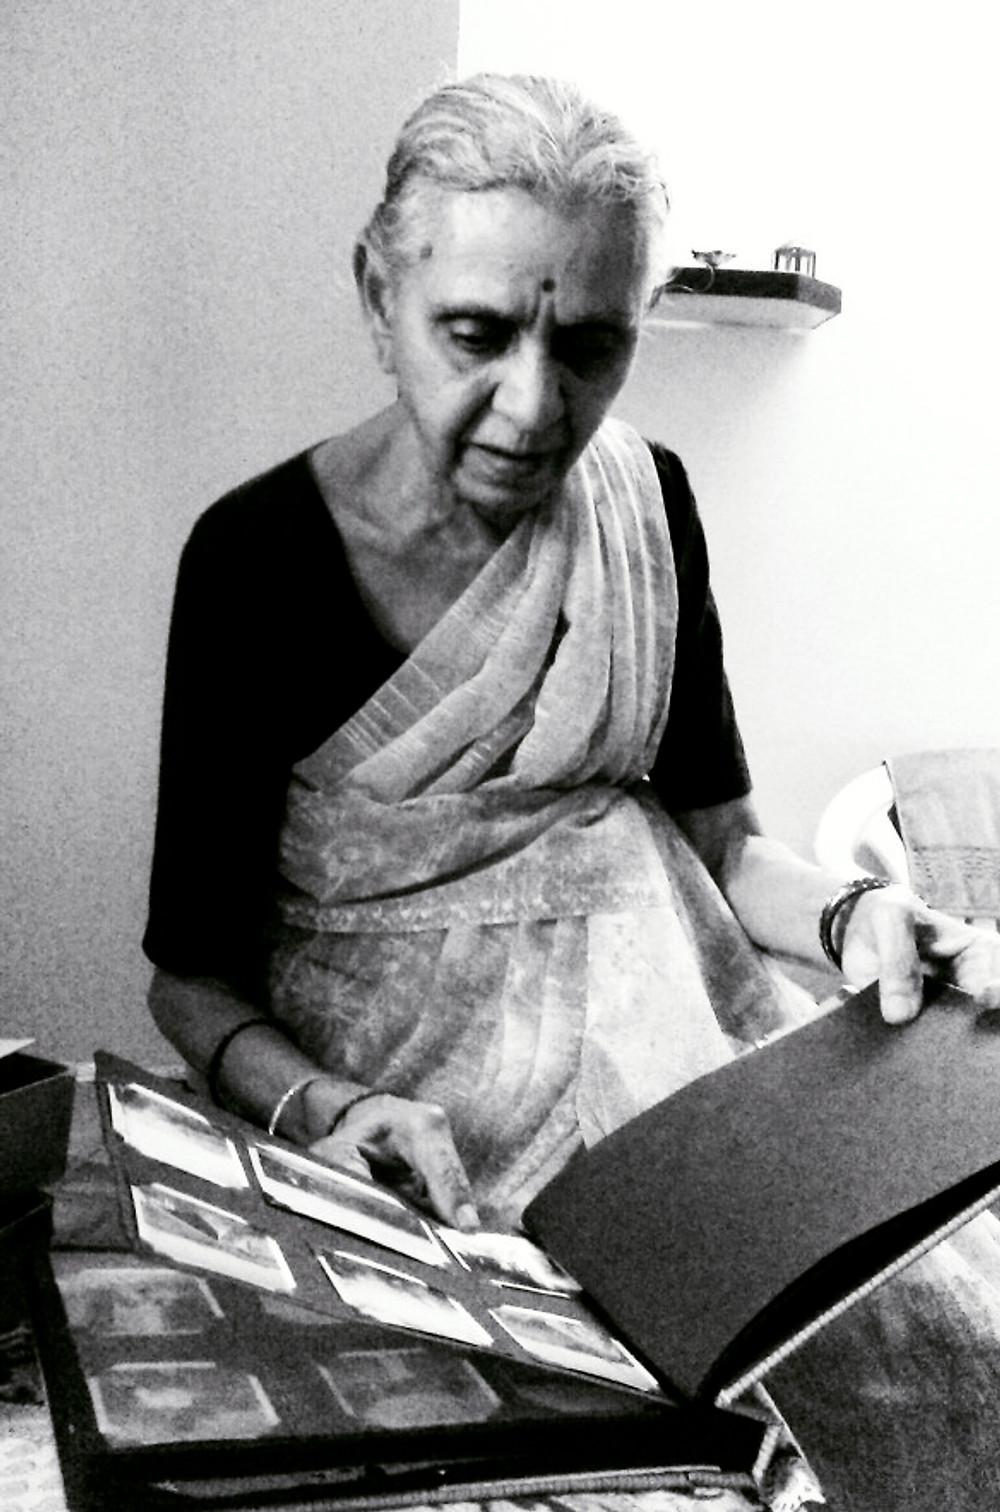 Grandmother-photos-rohit-pansare